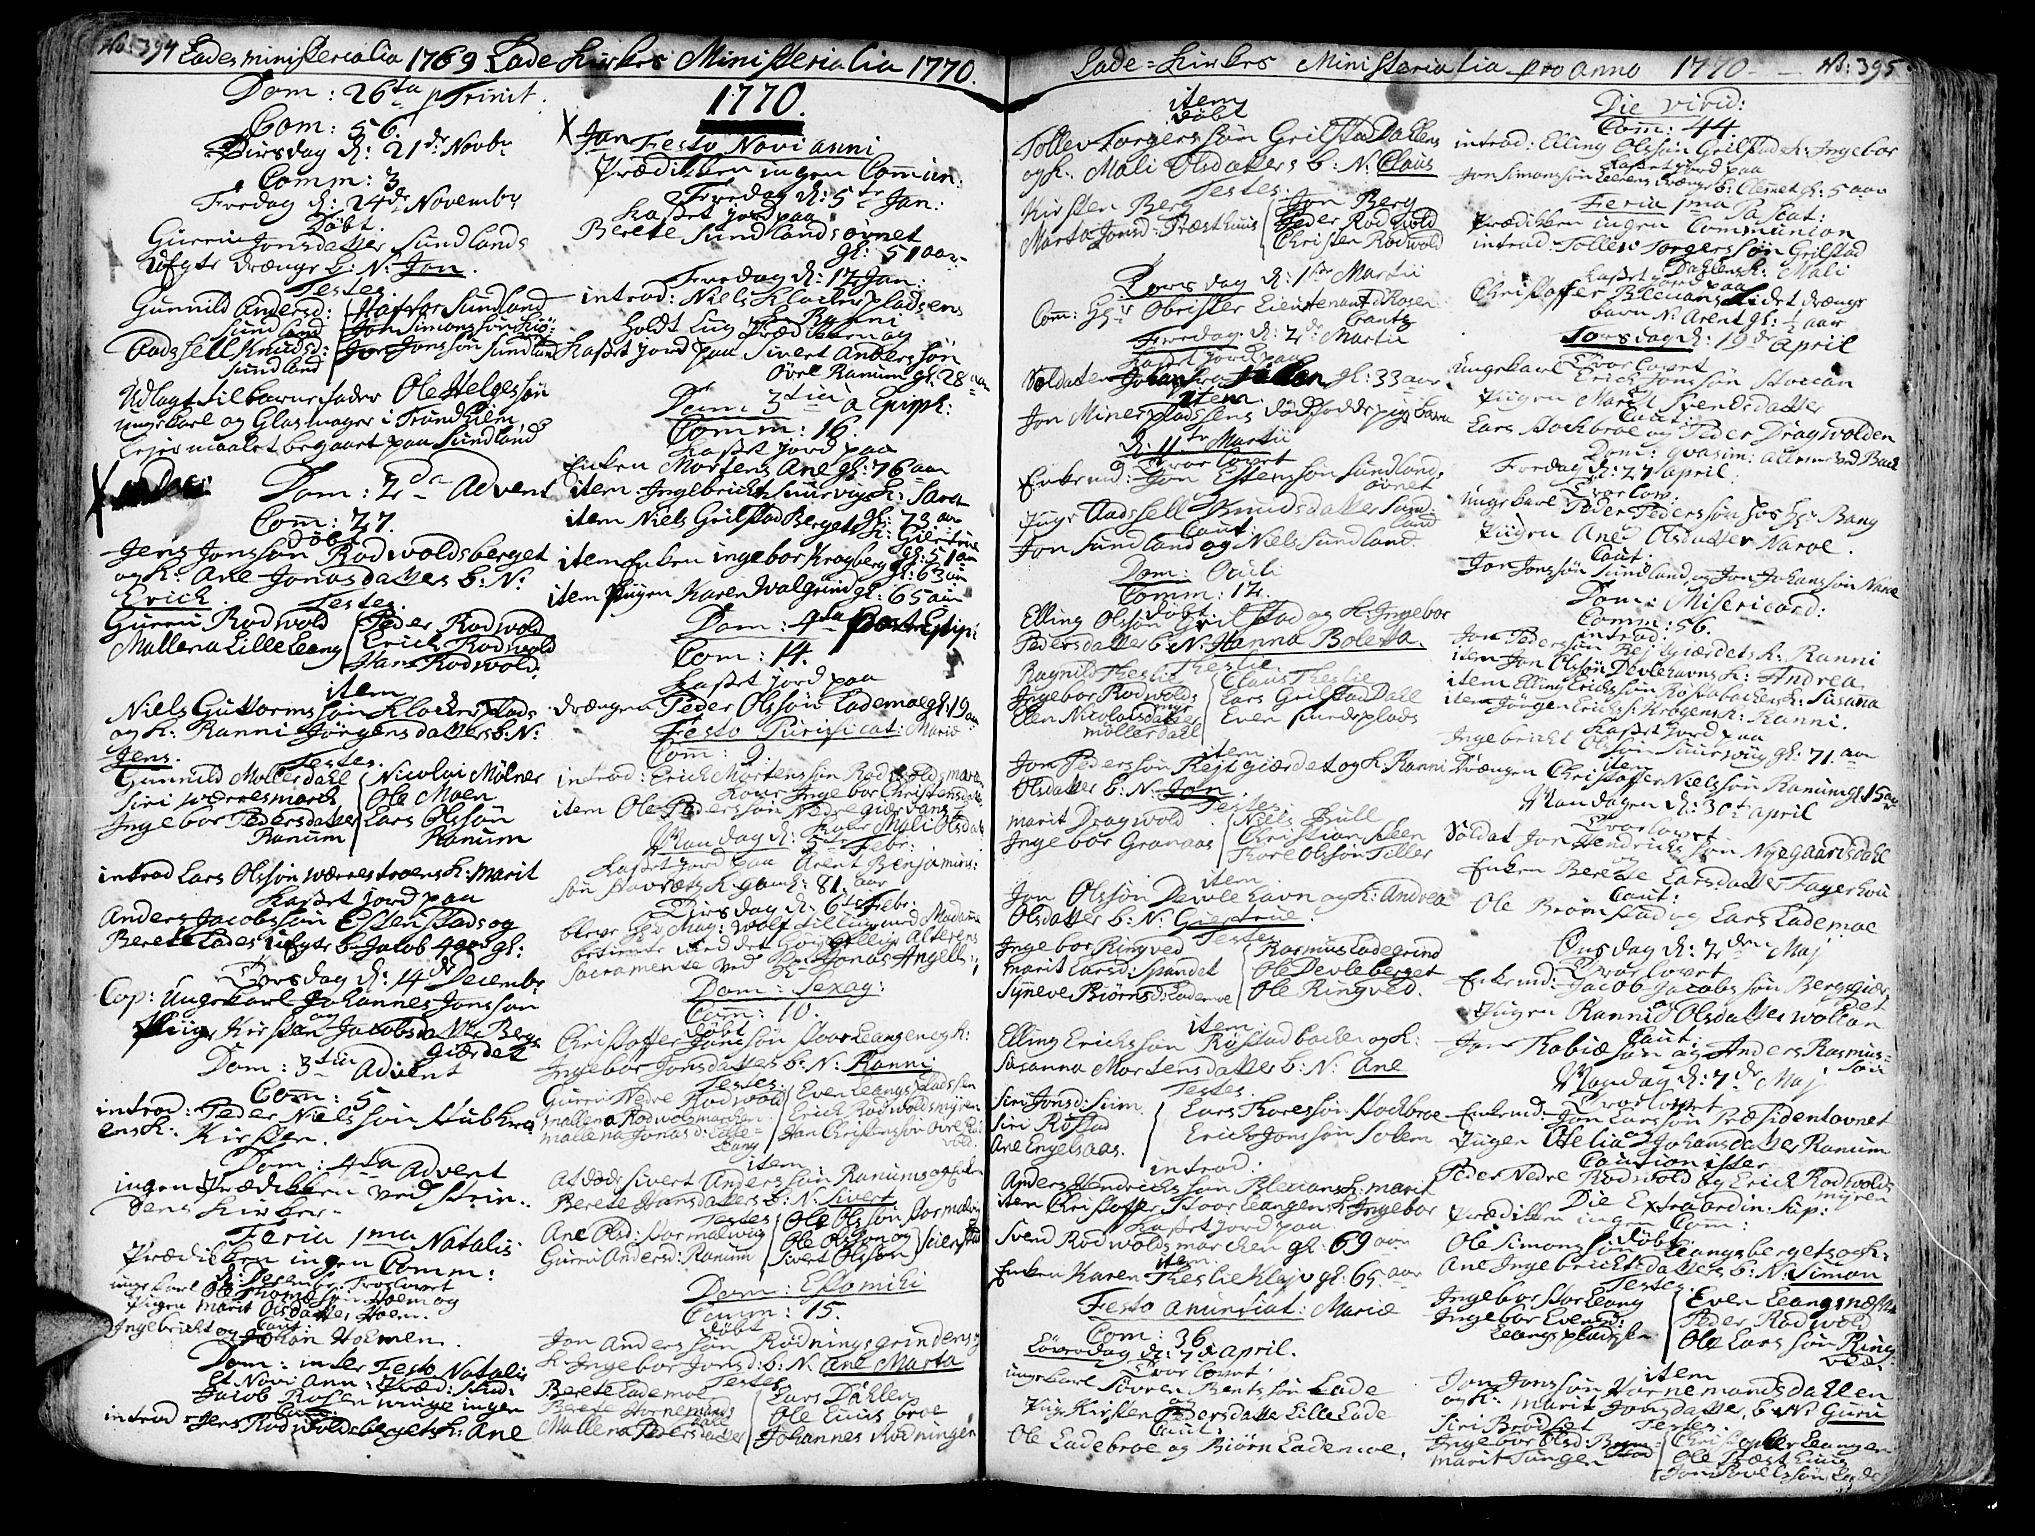 SAT, Ministerialprotokoller, klokkerbøker og fødselsregistre - Sør-Trøndelag, 606/L0275: Ministerialbok nr. 606A01 /1, 1727-1780, s. 394-395